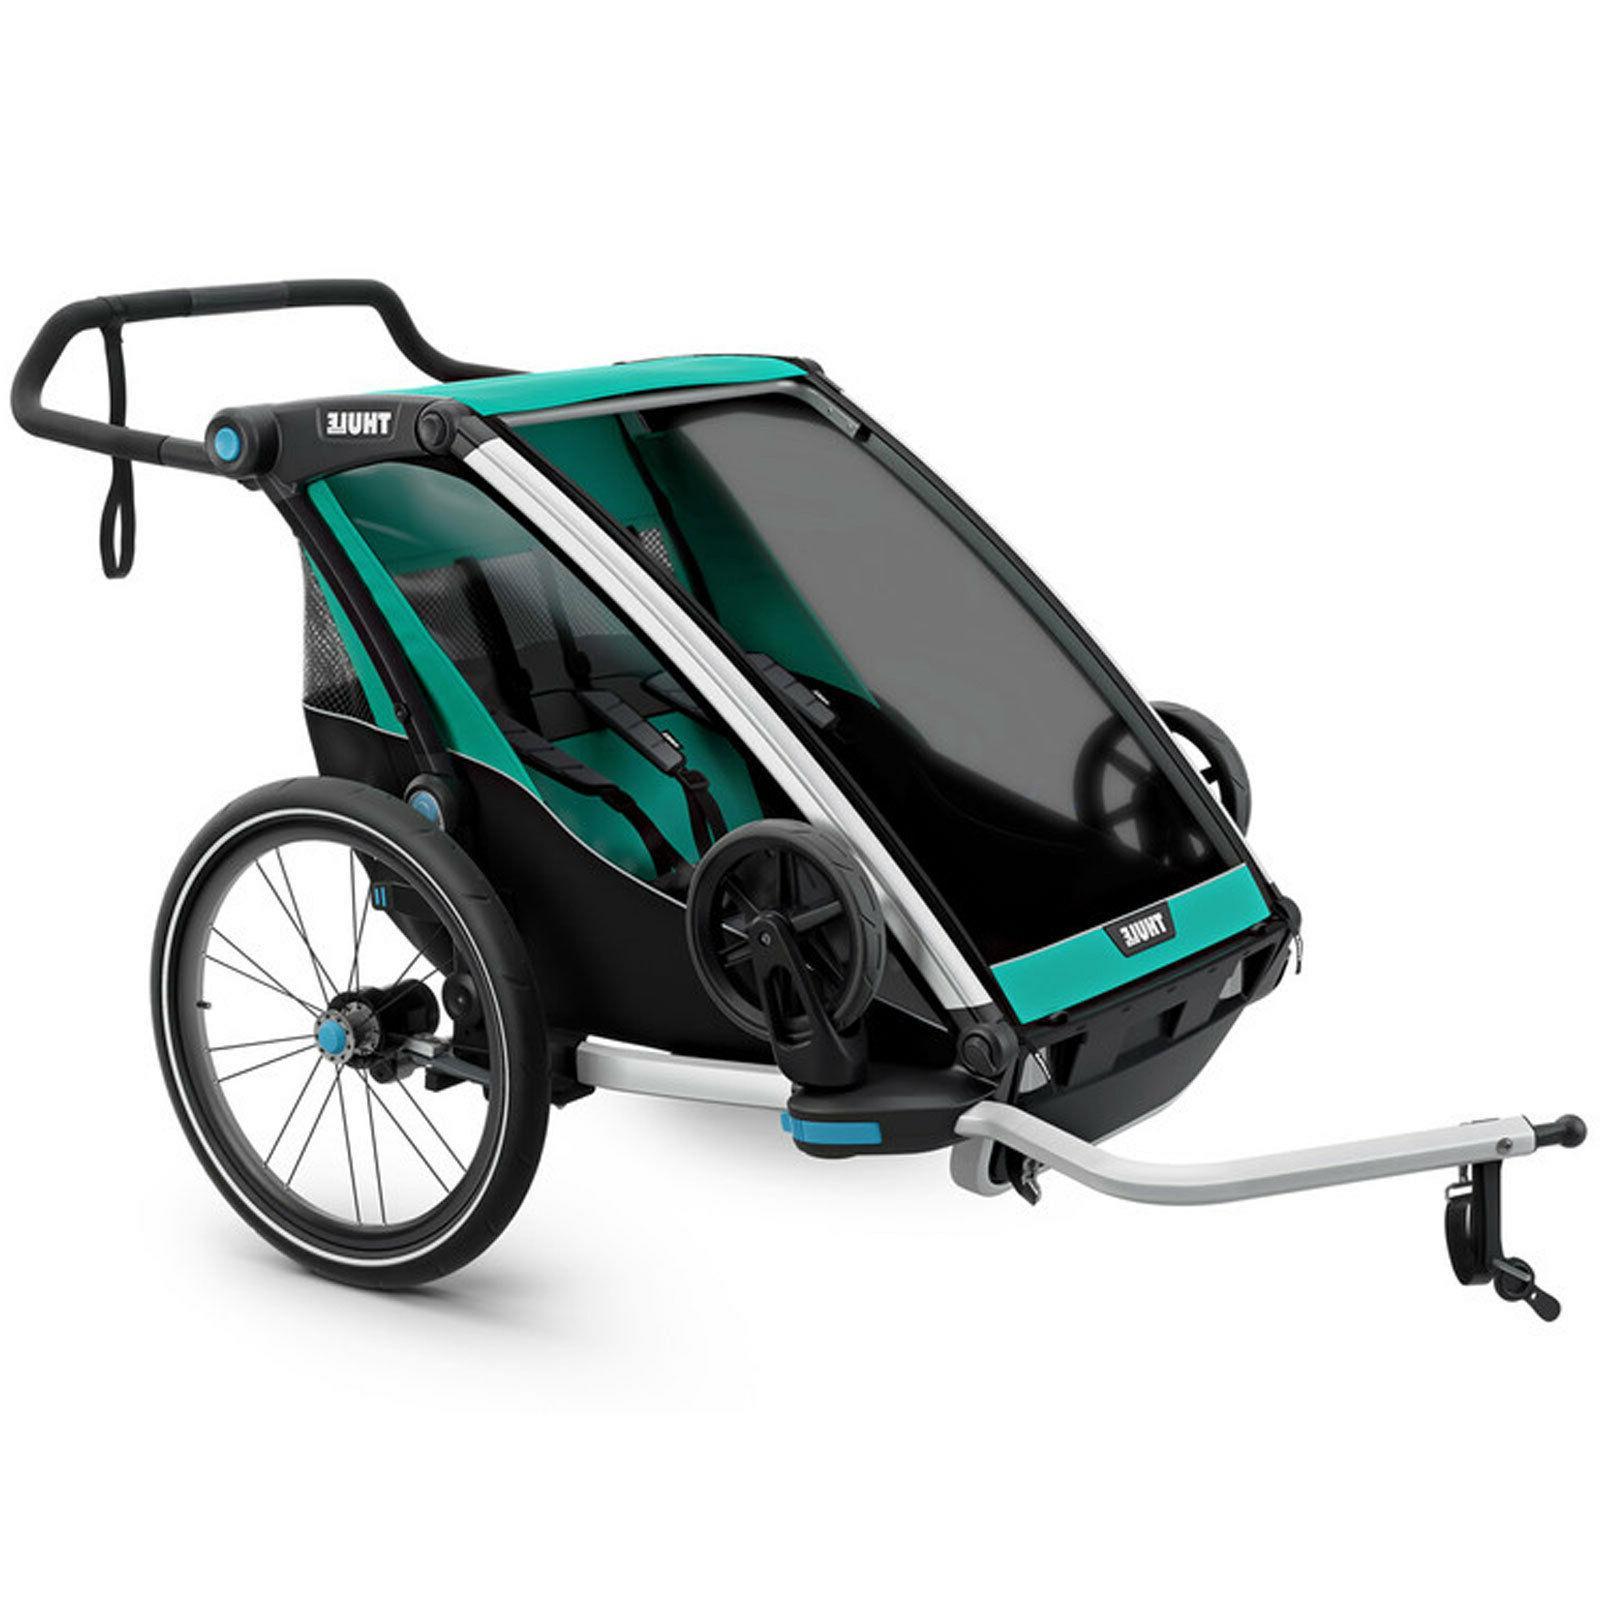 chariot lite 2 multisport fahrradanhanger bike trailer